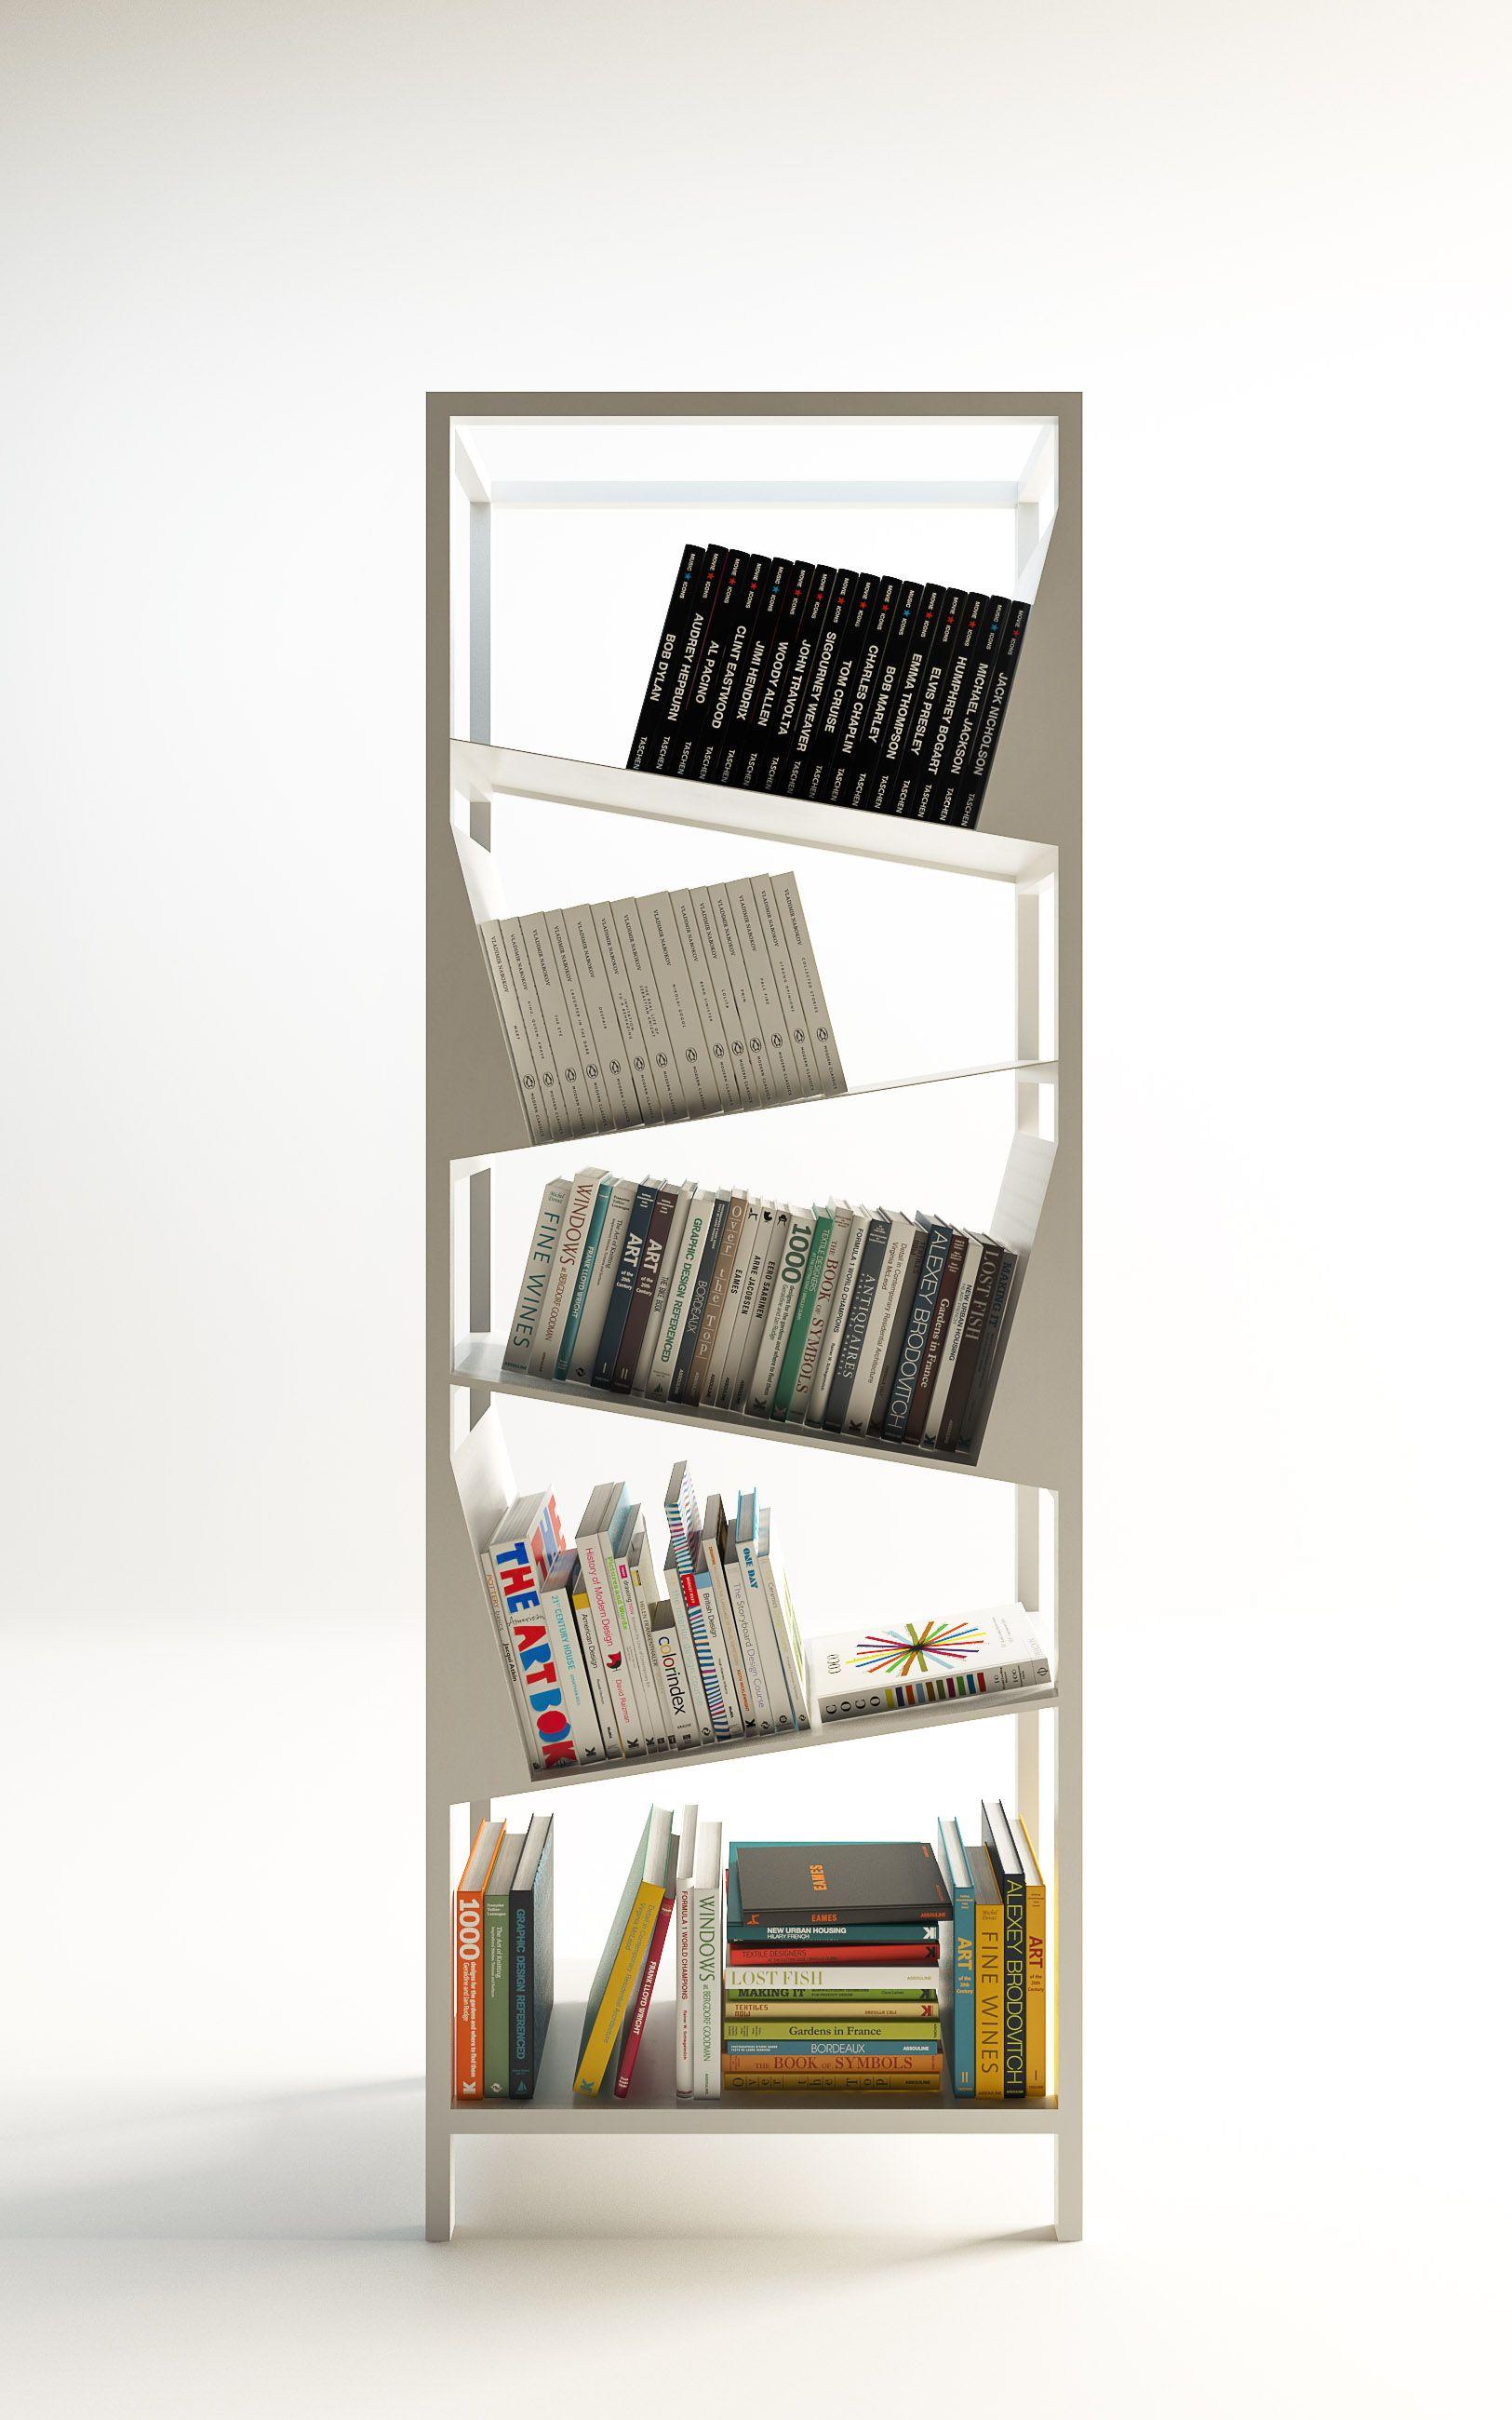 Scaffali Con Ripiani Inclinati.Libreria A Ripiani Inclinati In Metallo Bianco 85x35x230cm White